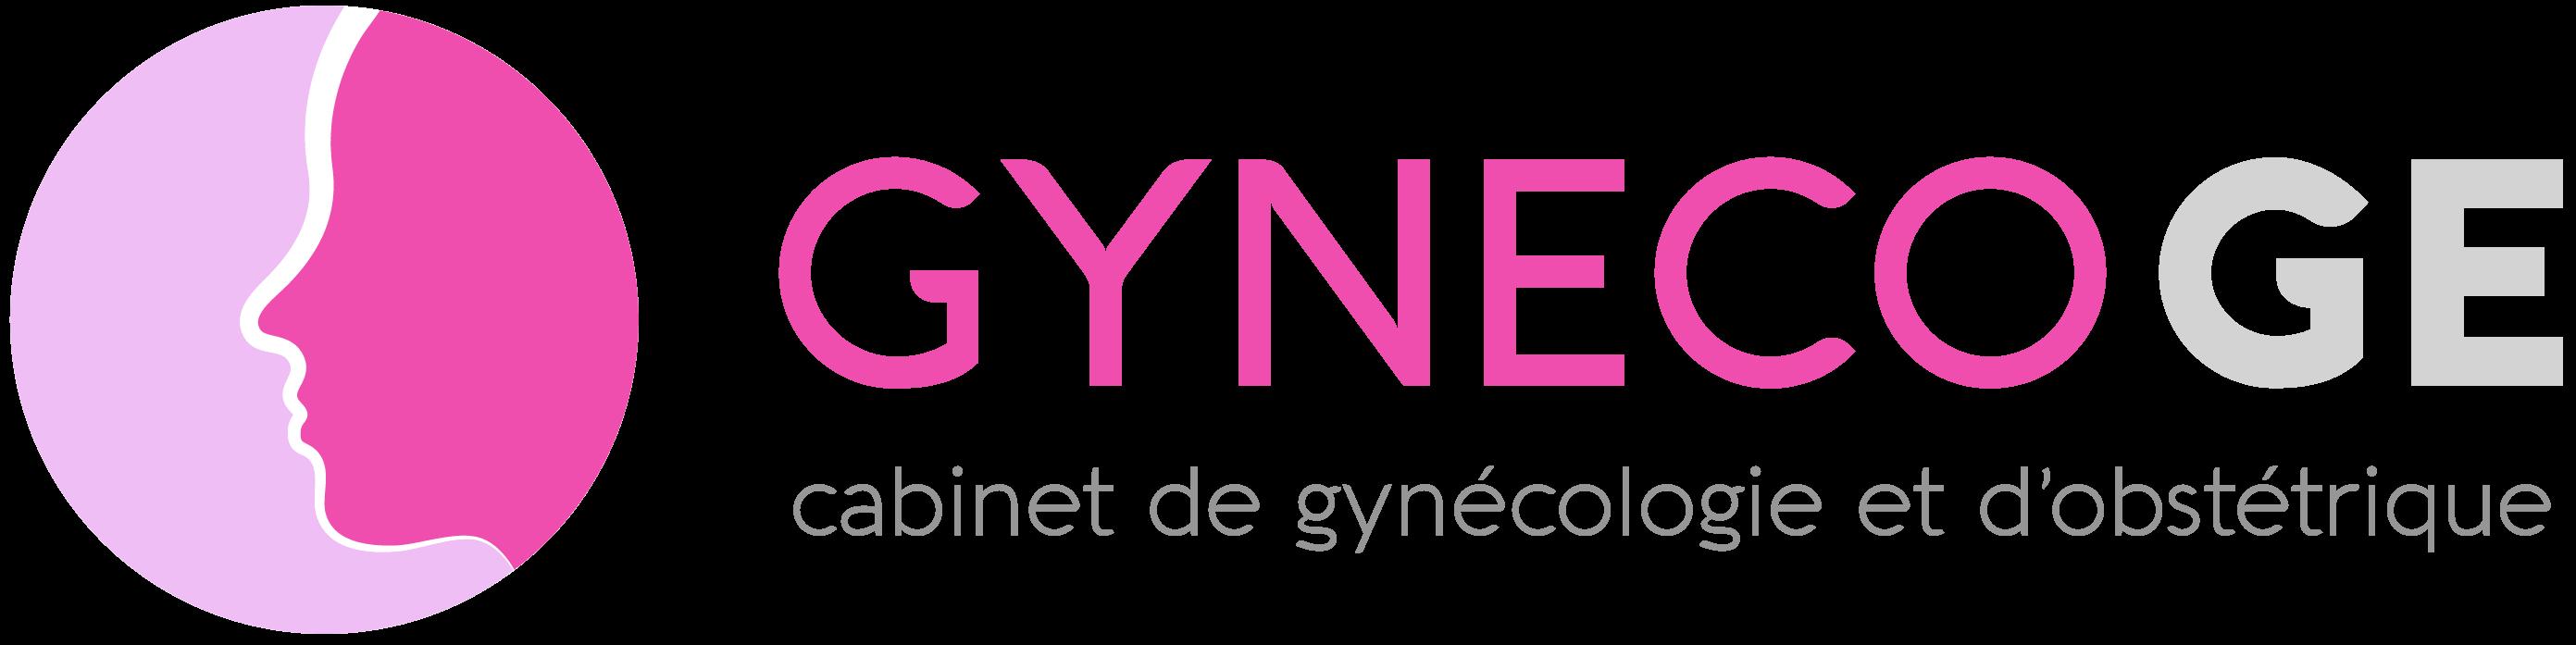 gynecoge